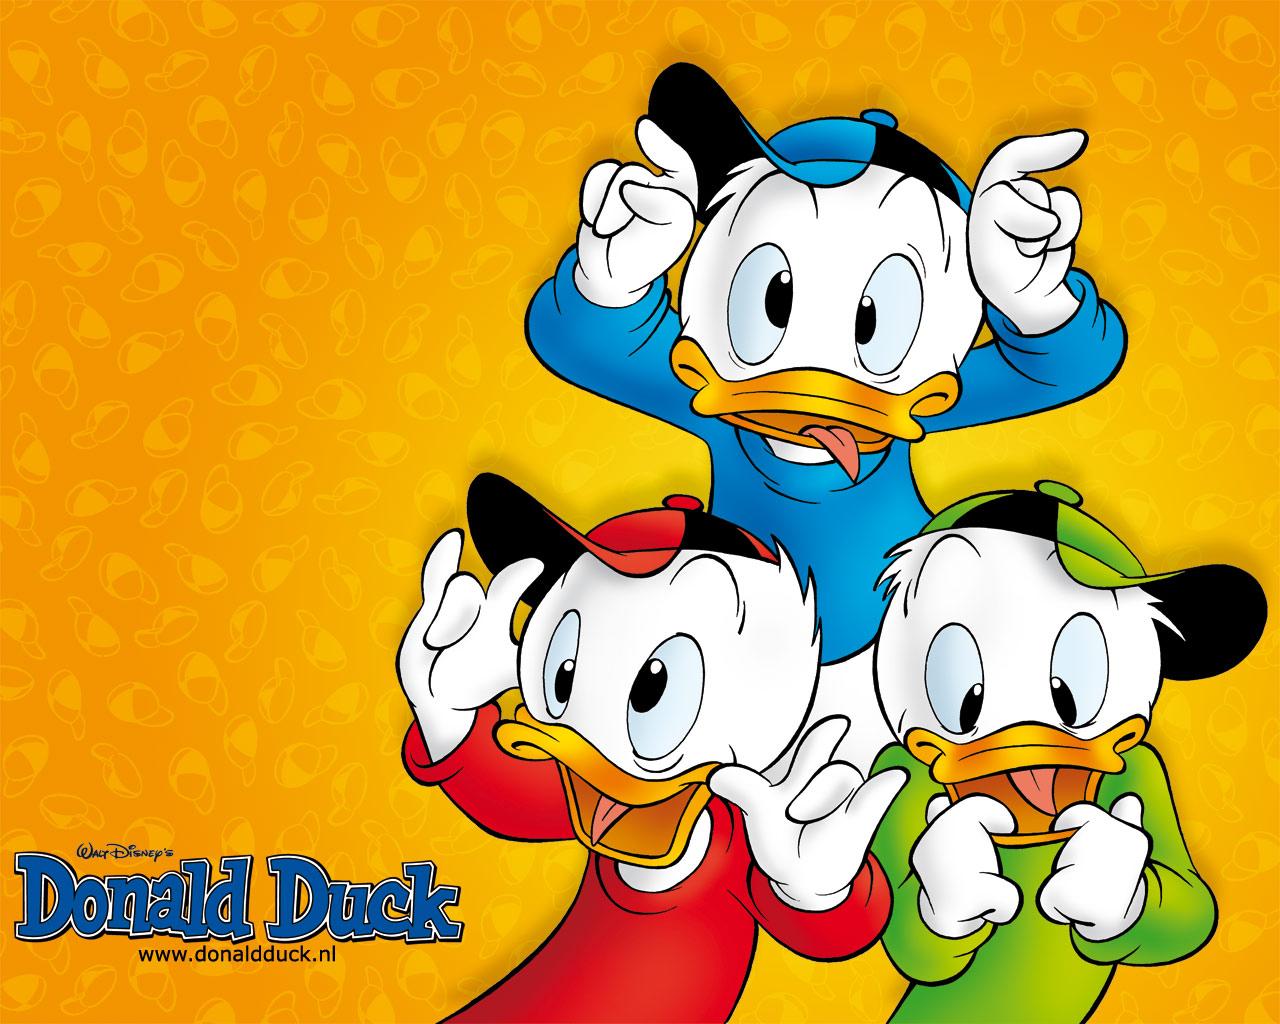 Donald duck en vrienden wallpapers - Donald duck wallpapers for desktop ...